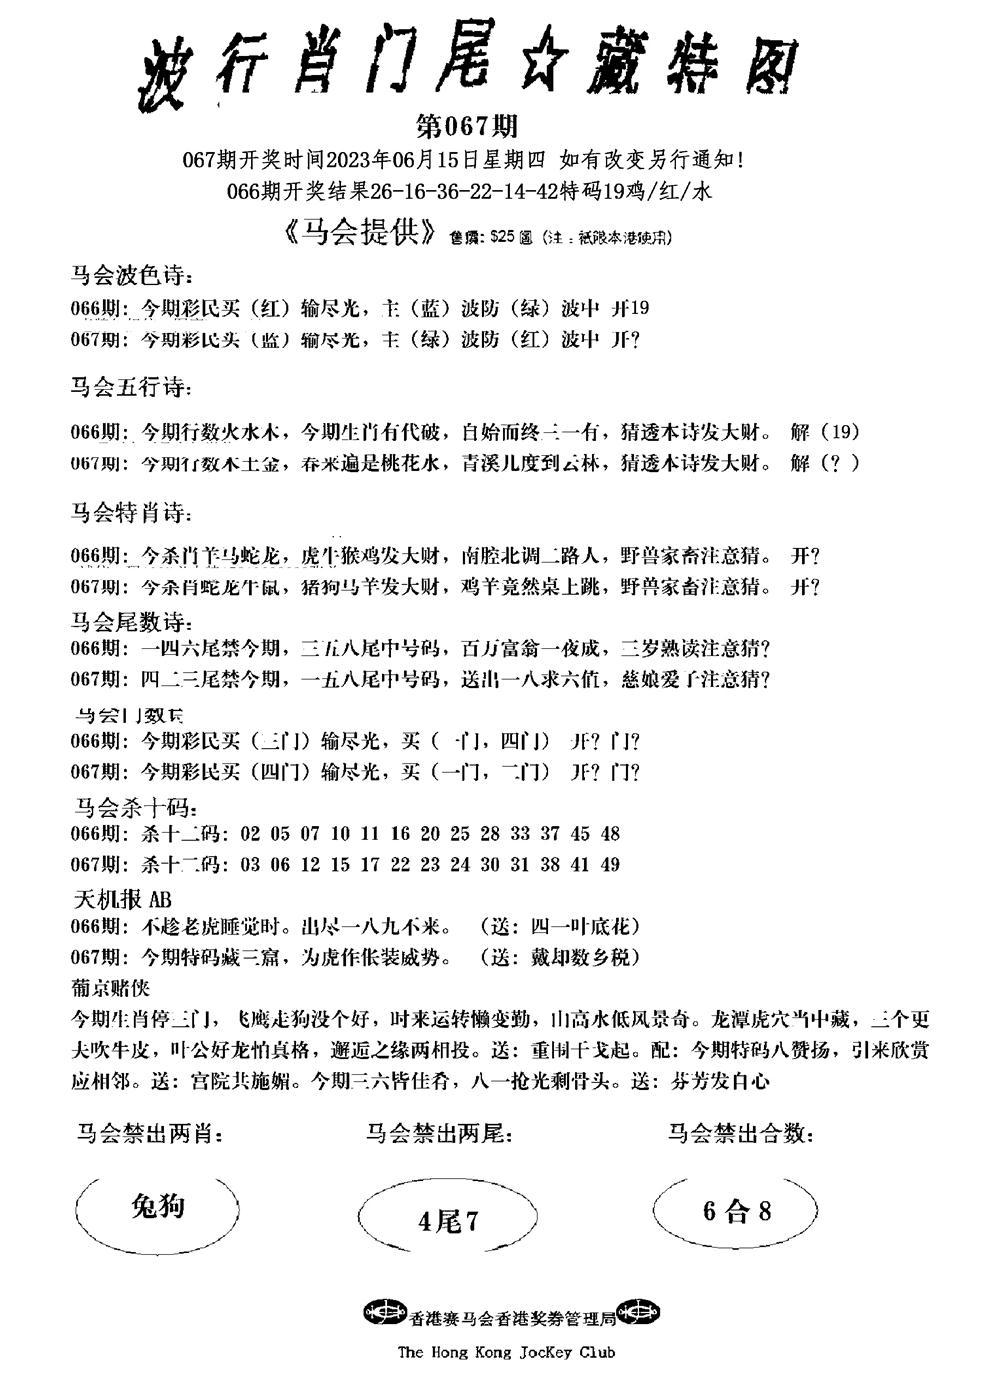 067期波行肖尾藏特图(黑白)